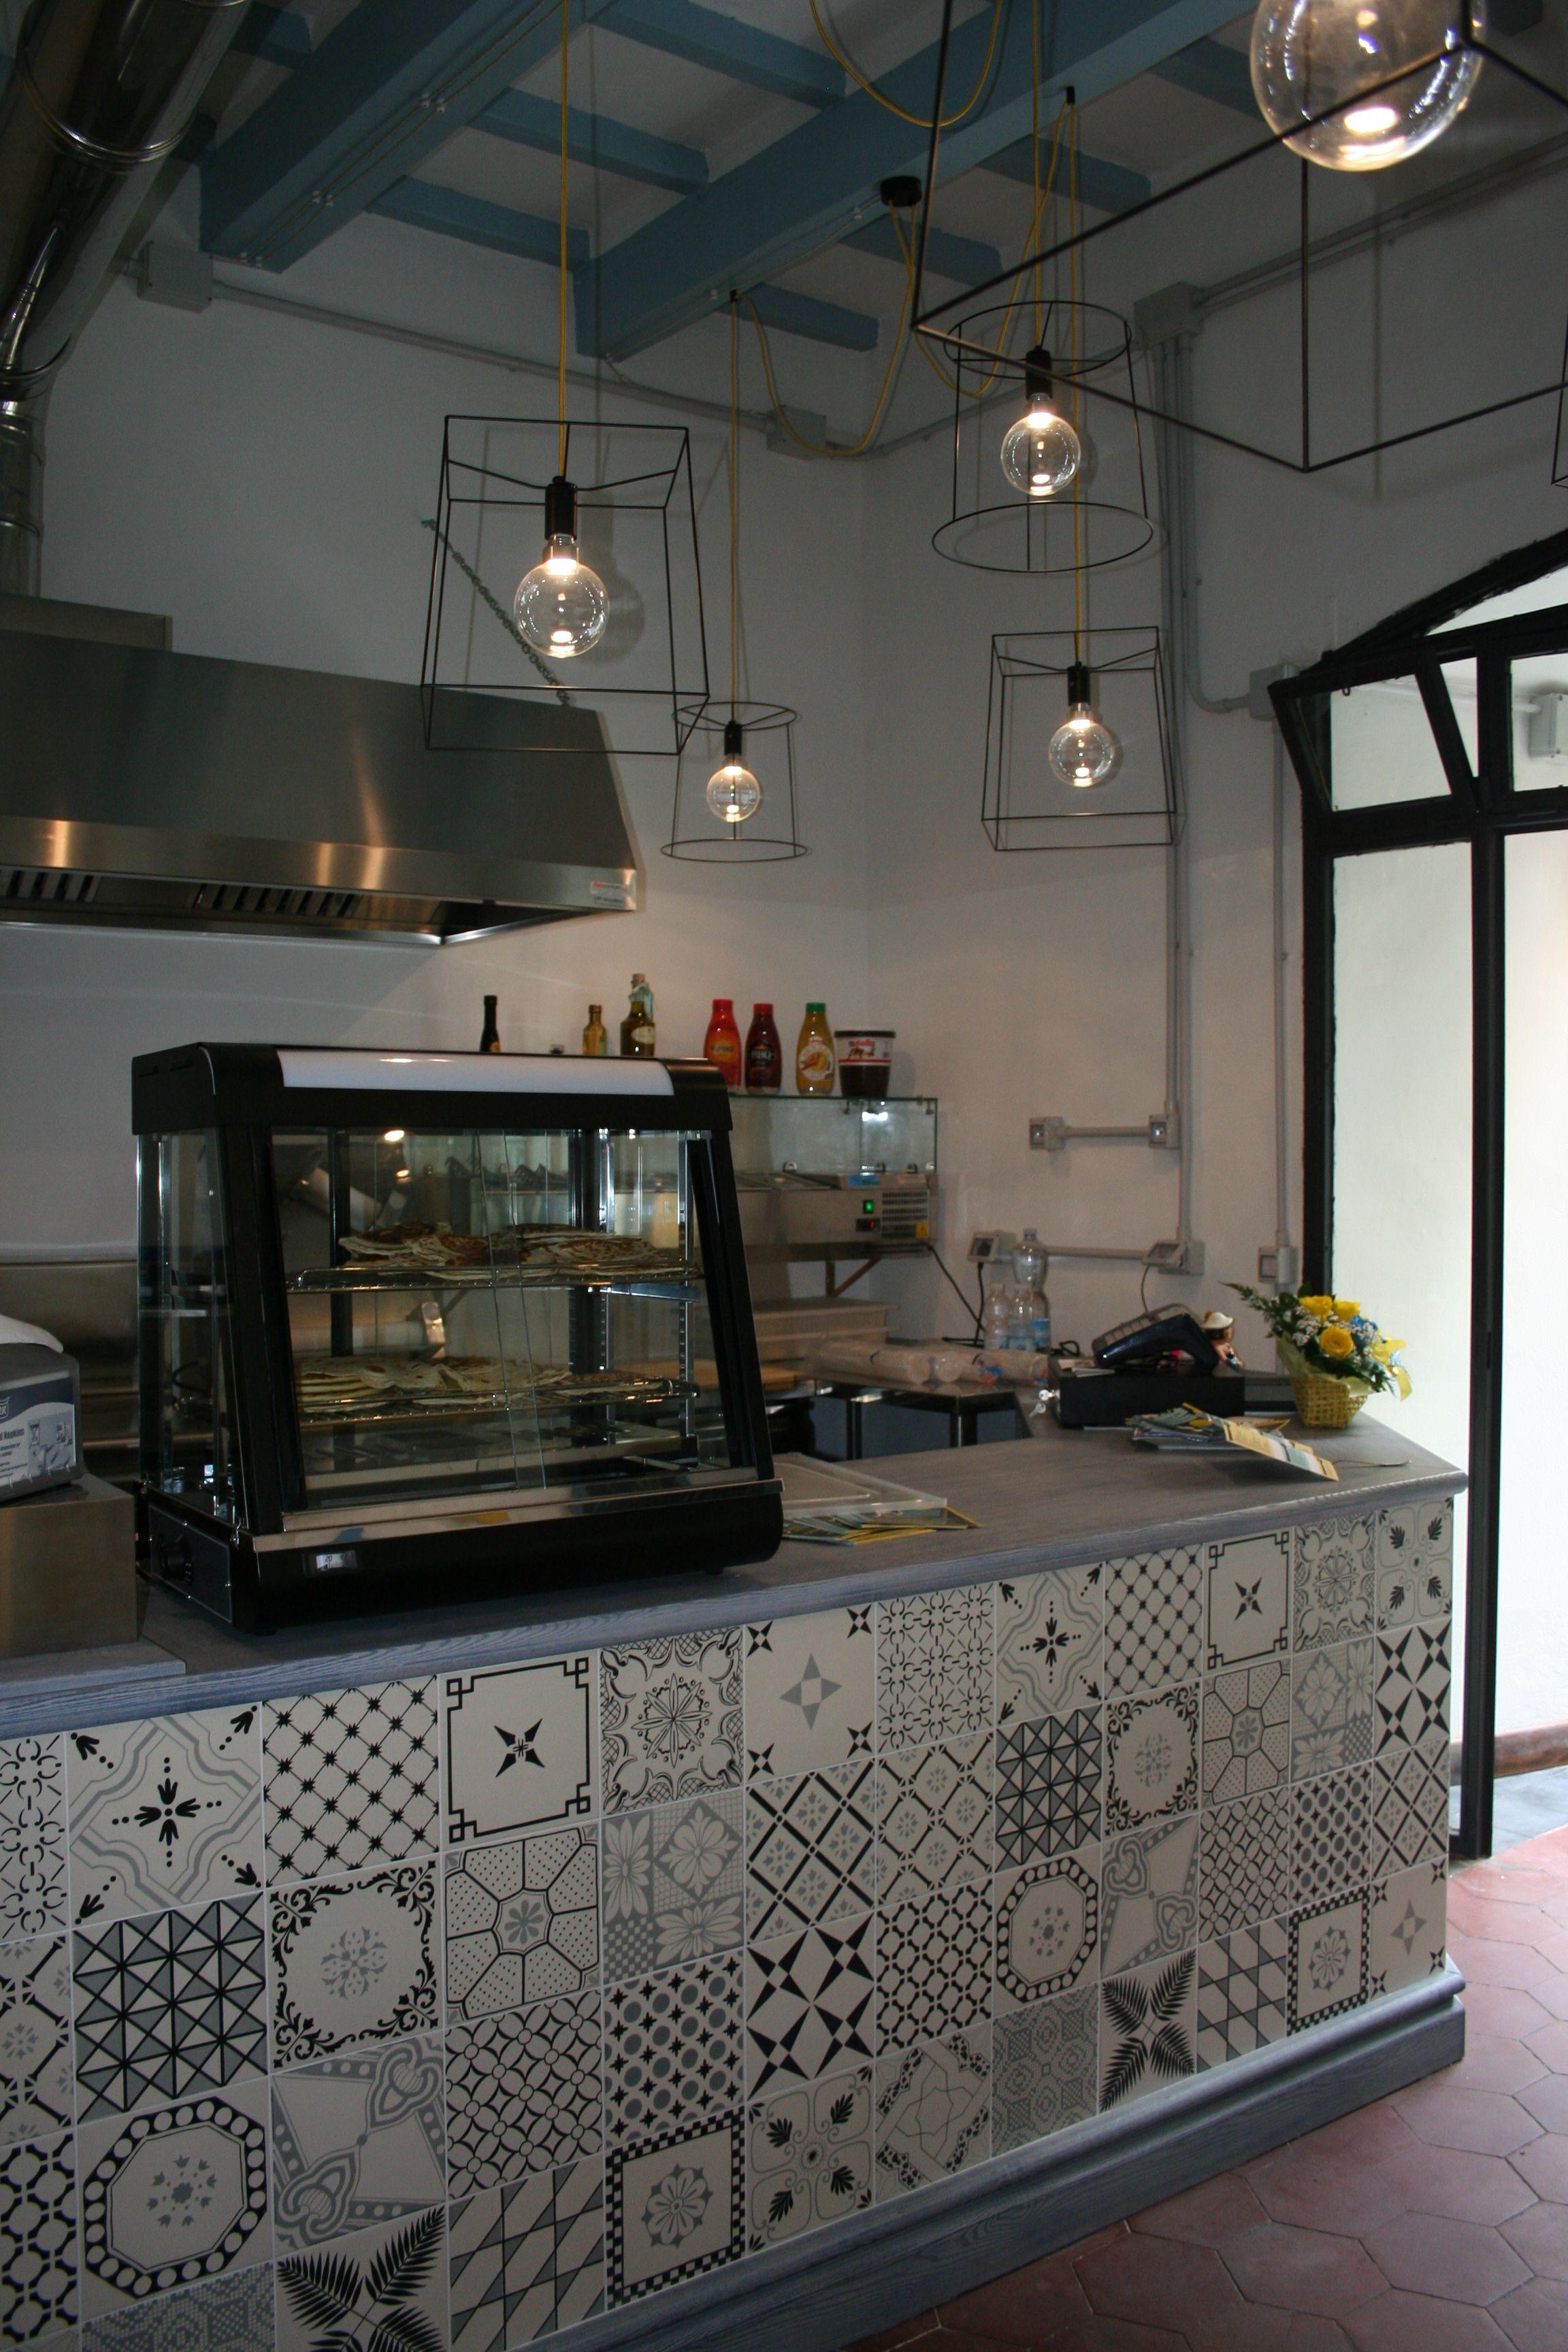 Cerco tavolo da cucina beautiful cerco tavolo da cucina with cerco tavolo da cucina fabulous for Cerco tavolo da cucina